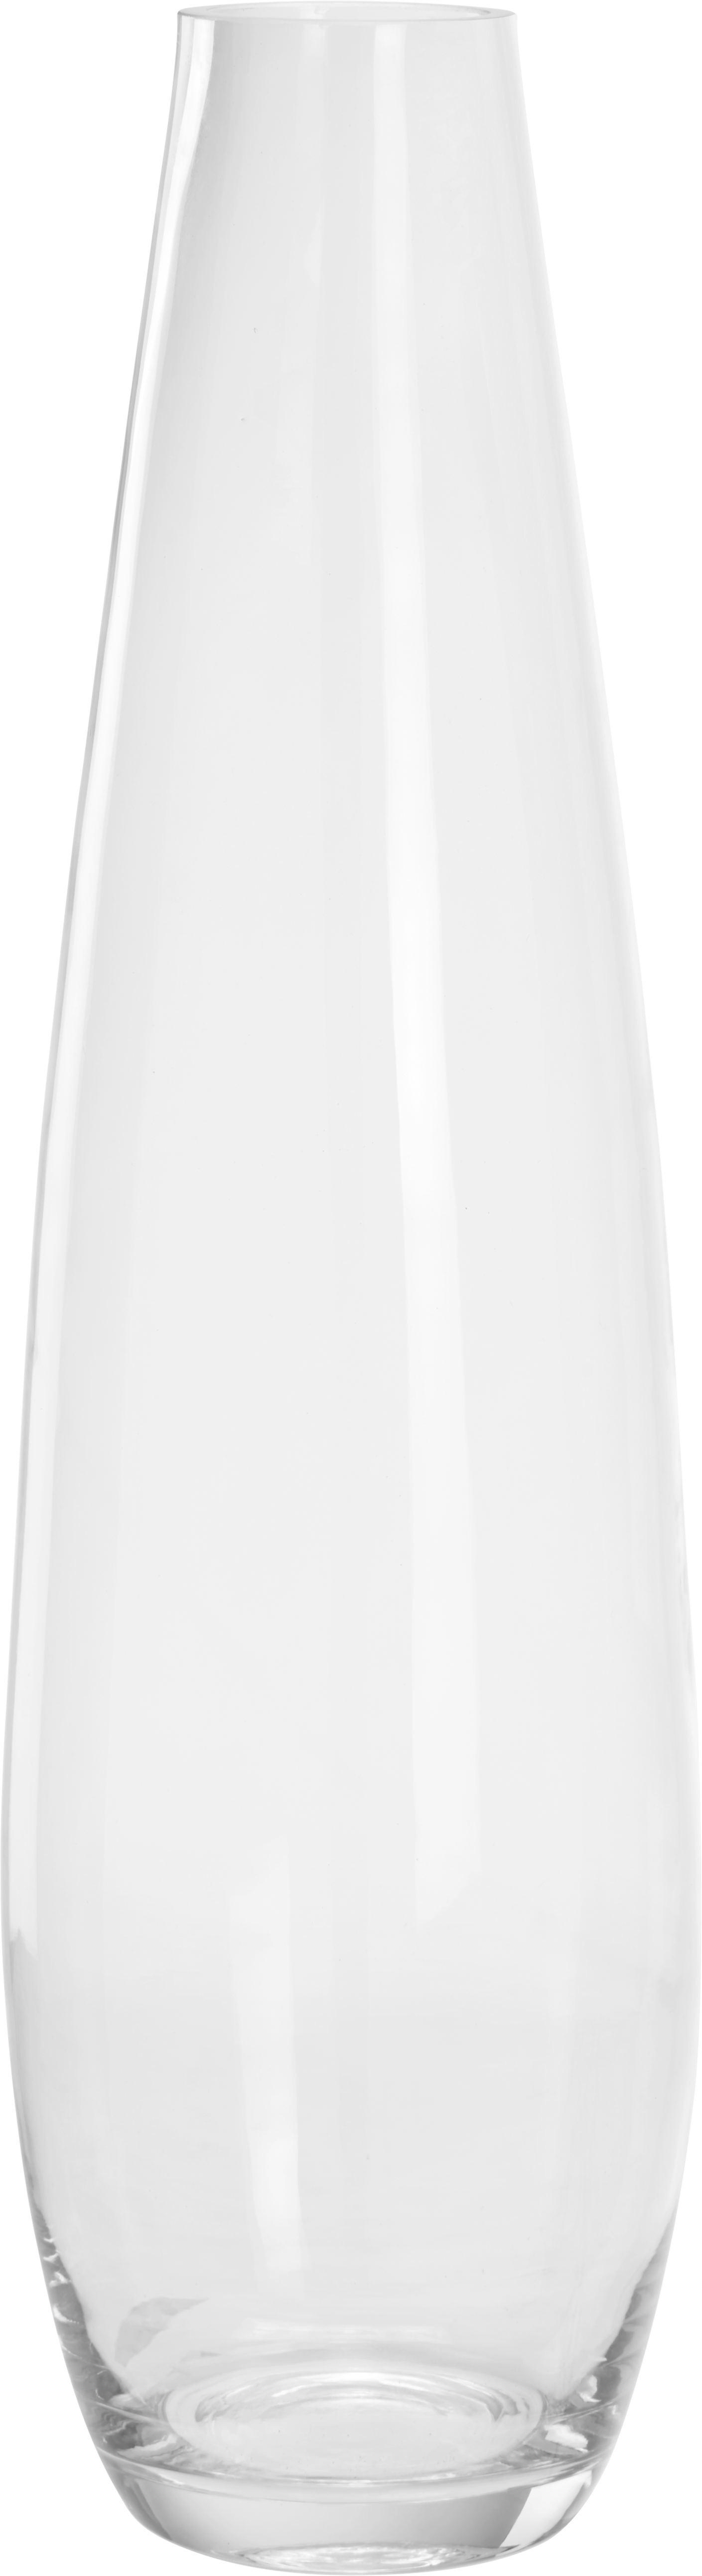 Váza Dana - tiszta, üveg (12,5/45cm) - MÖMAX modern living